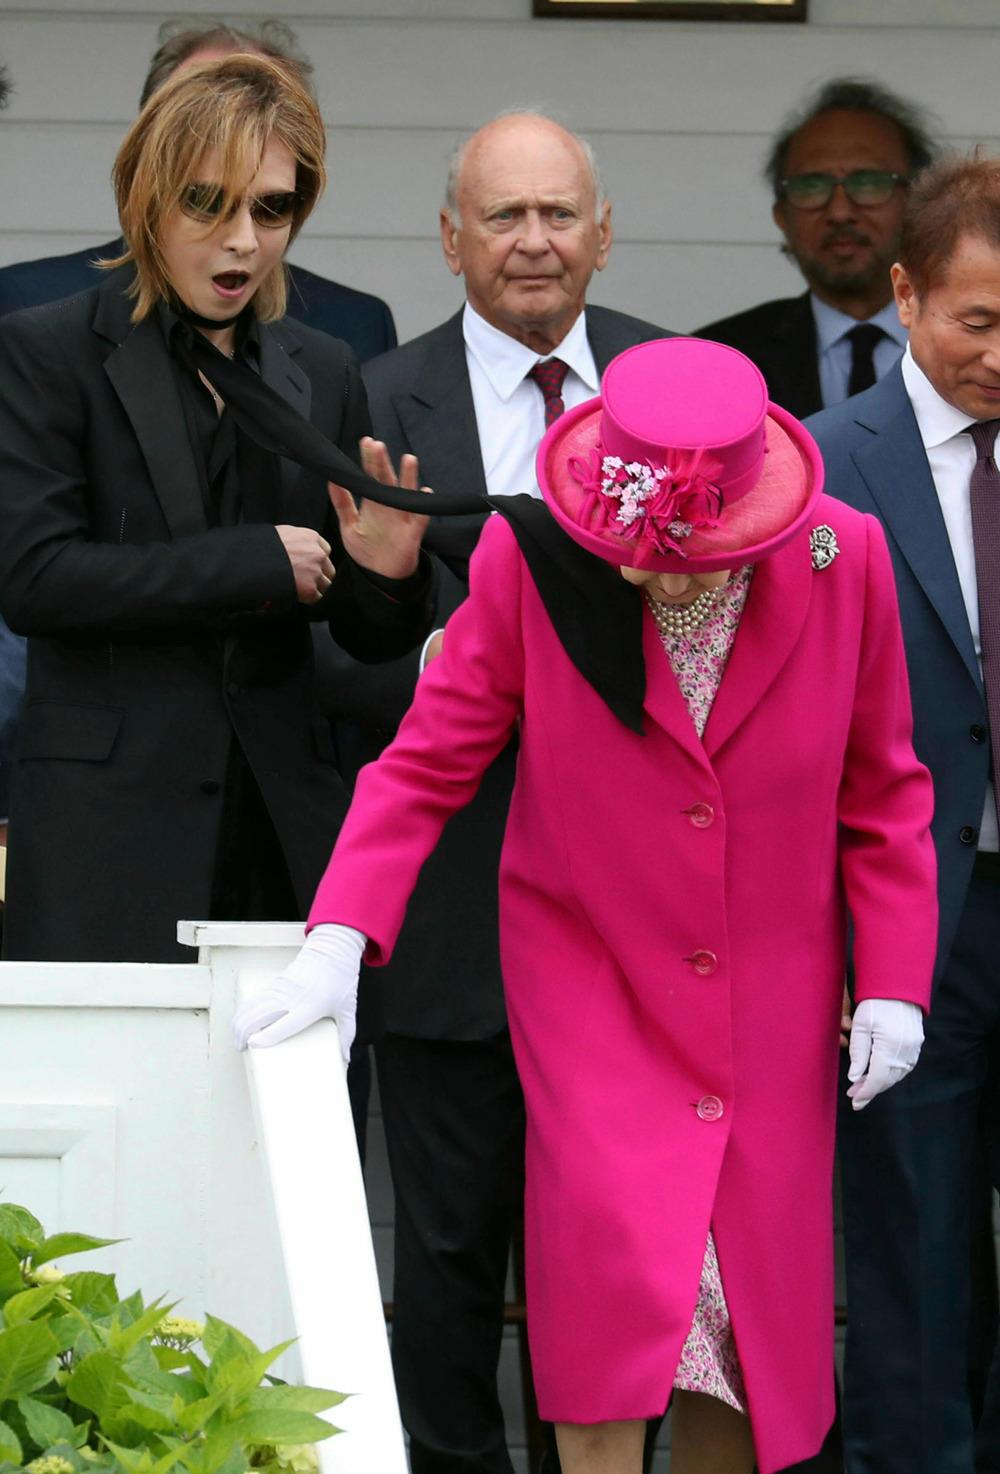 Η βασίλισσα Ελισάβετ συνεχίζει ατάραχη την διαδρομή της παρά το γεγονός πως το μαύρο μαντήλι του τραγουδιστή Γιοσίκι, την χτύπησε στο πρόσωπο